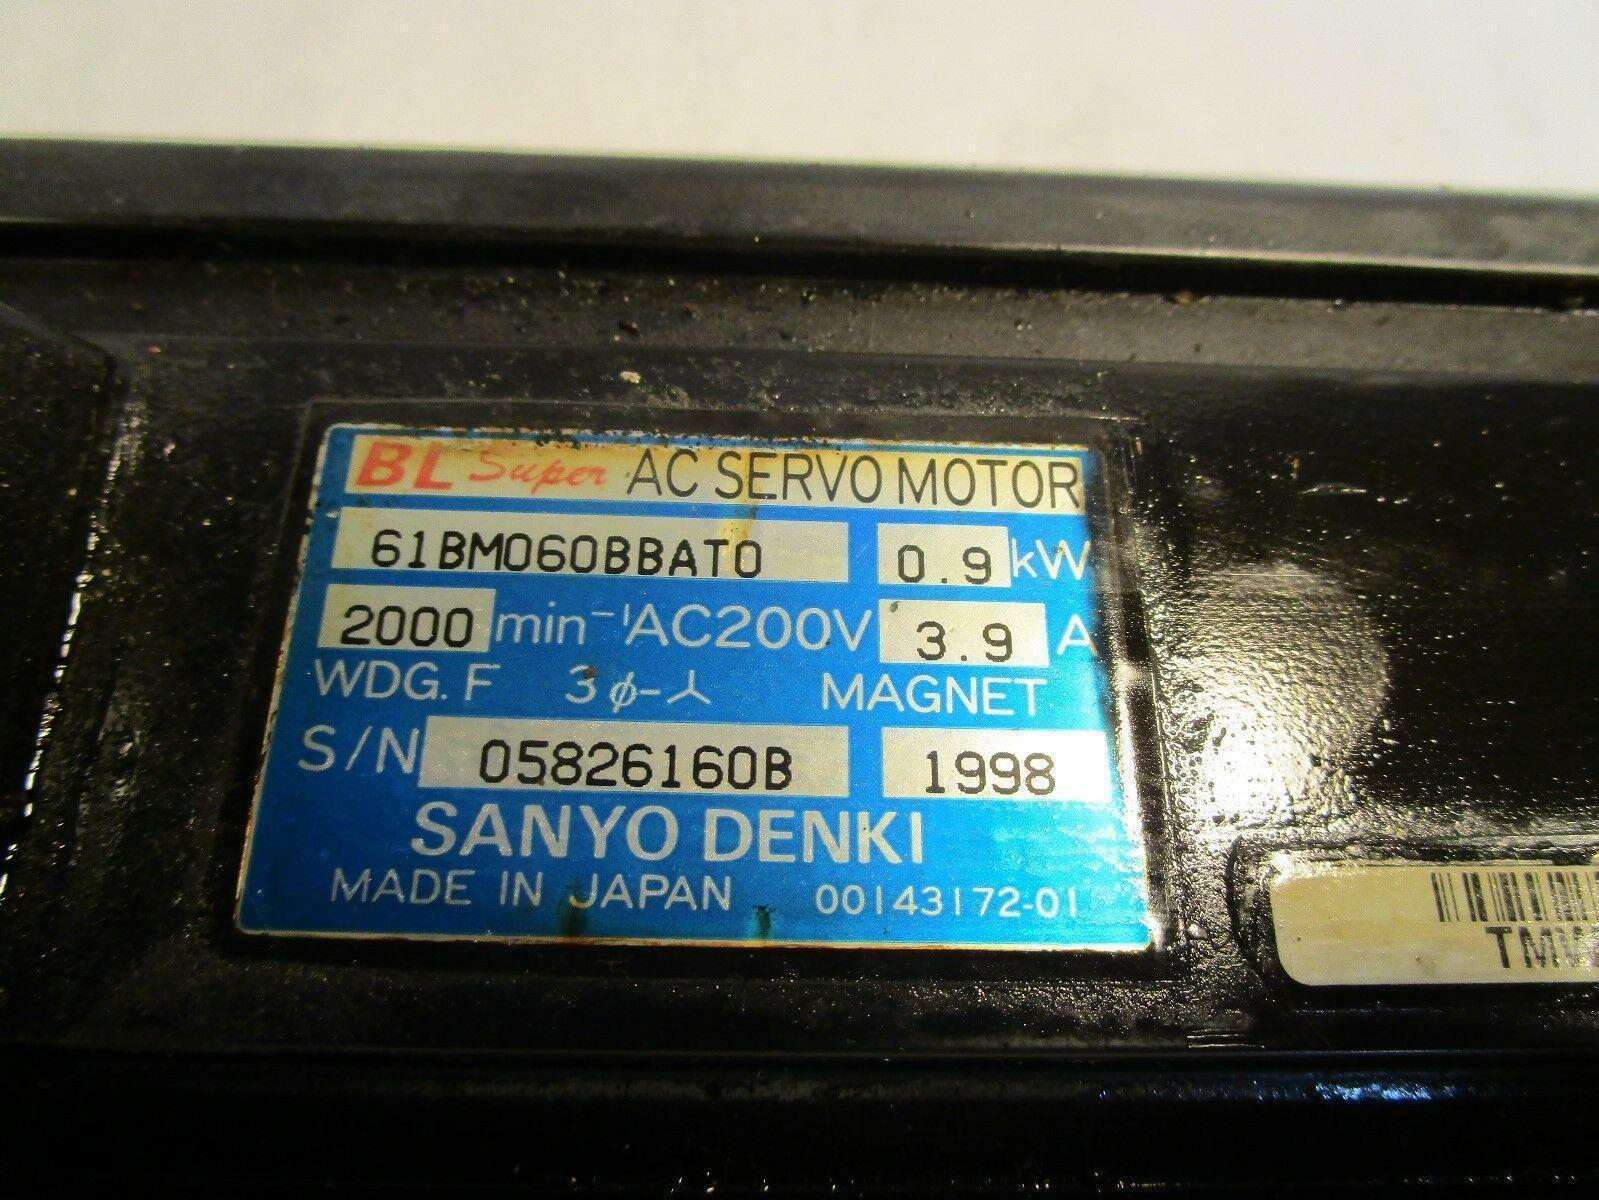 Sanyo Denki AC Servo Motor 61BM060BBATO